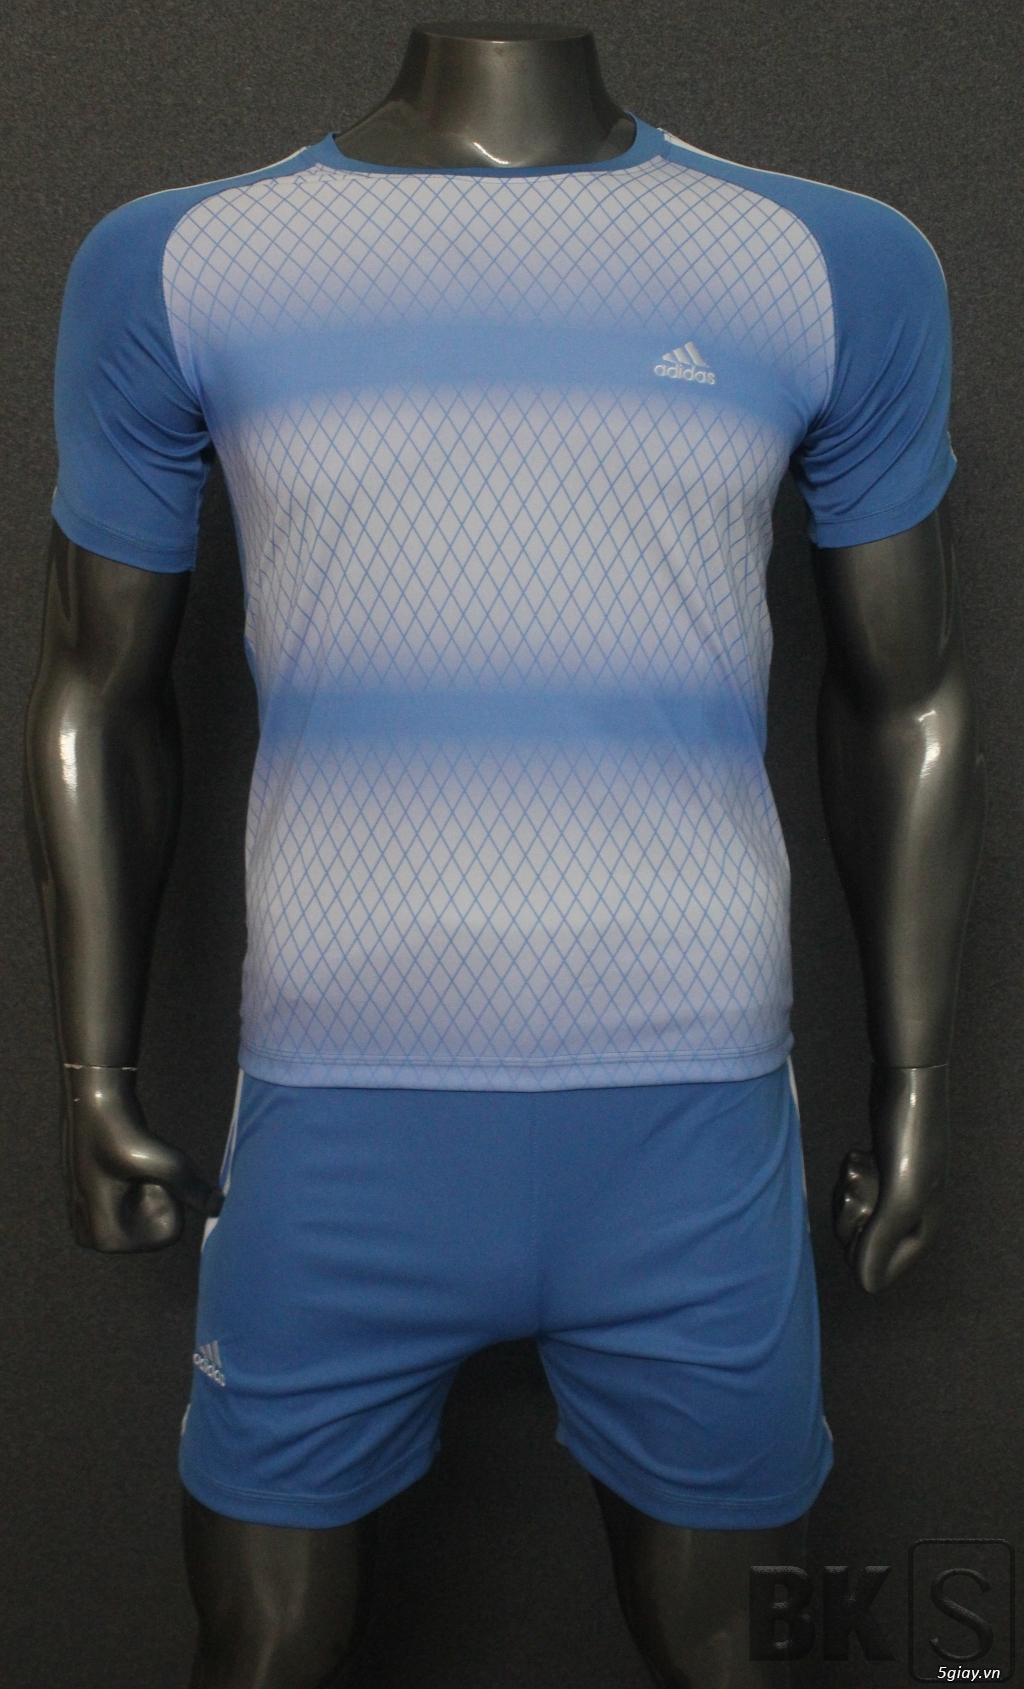 Áo bóng đá HP-địa chỉ gốc sản xuất trang phục thể thao số 1 Việt Nam - 11